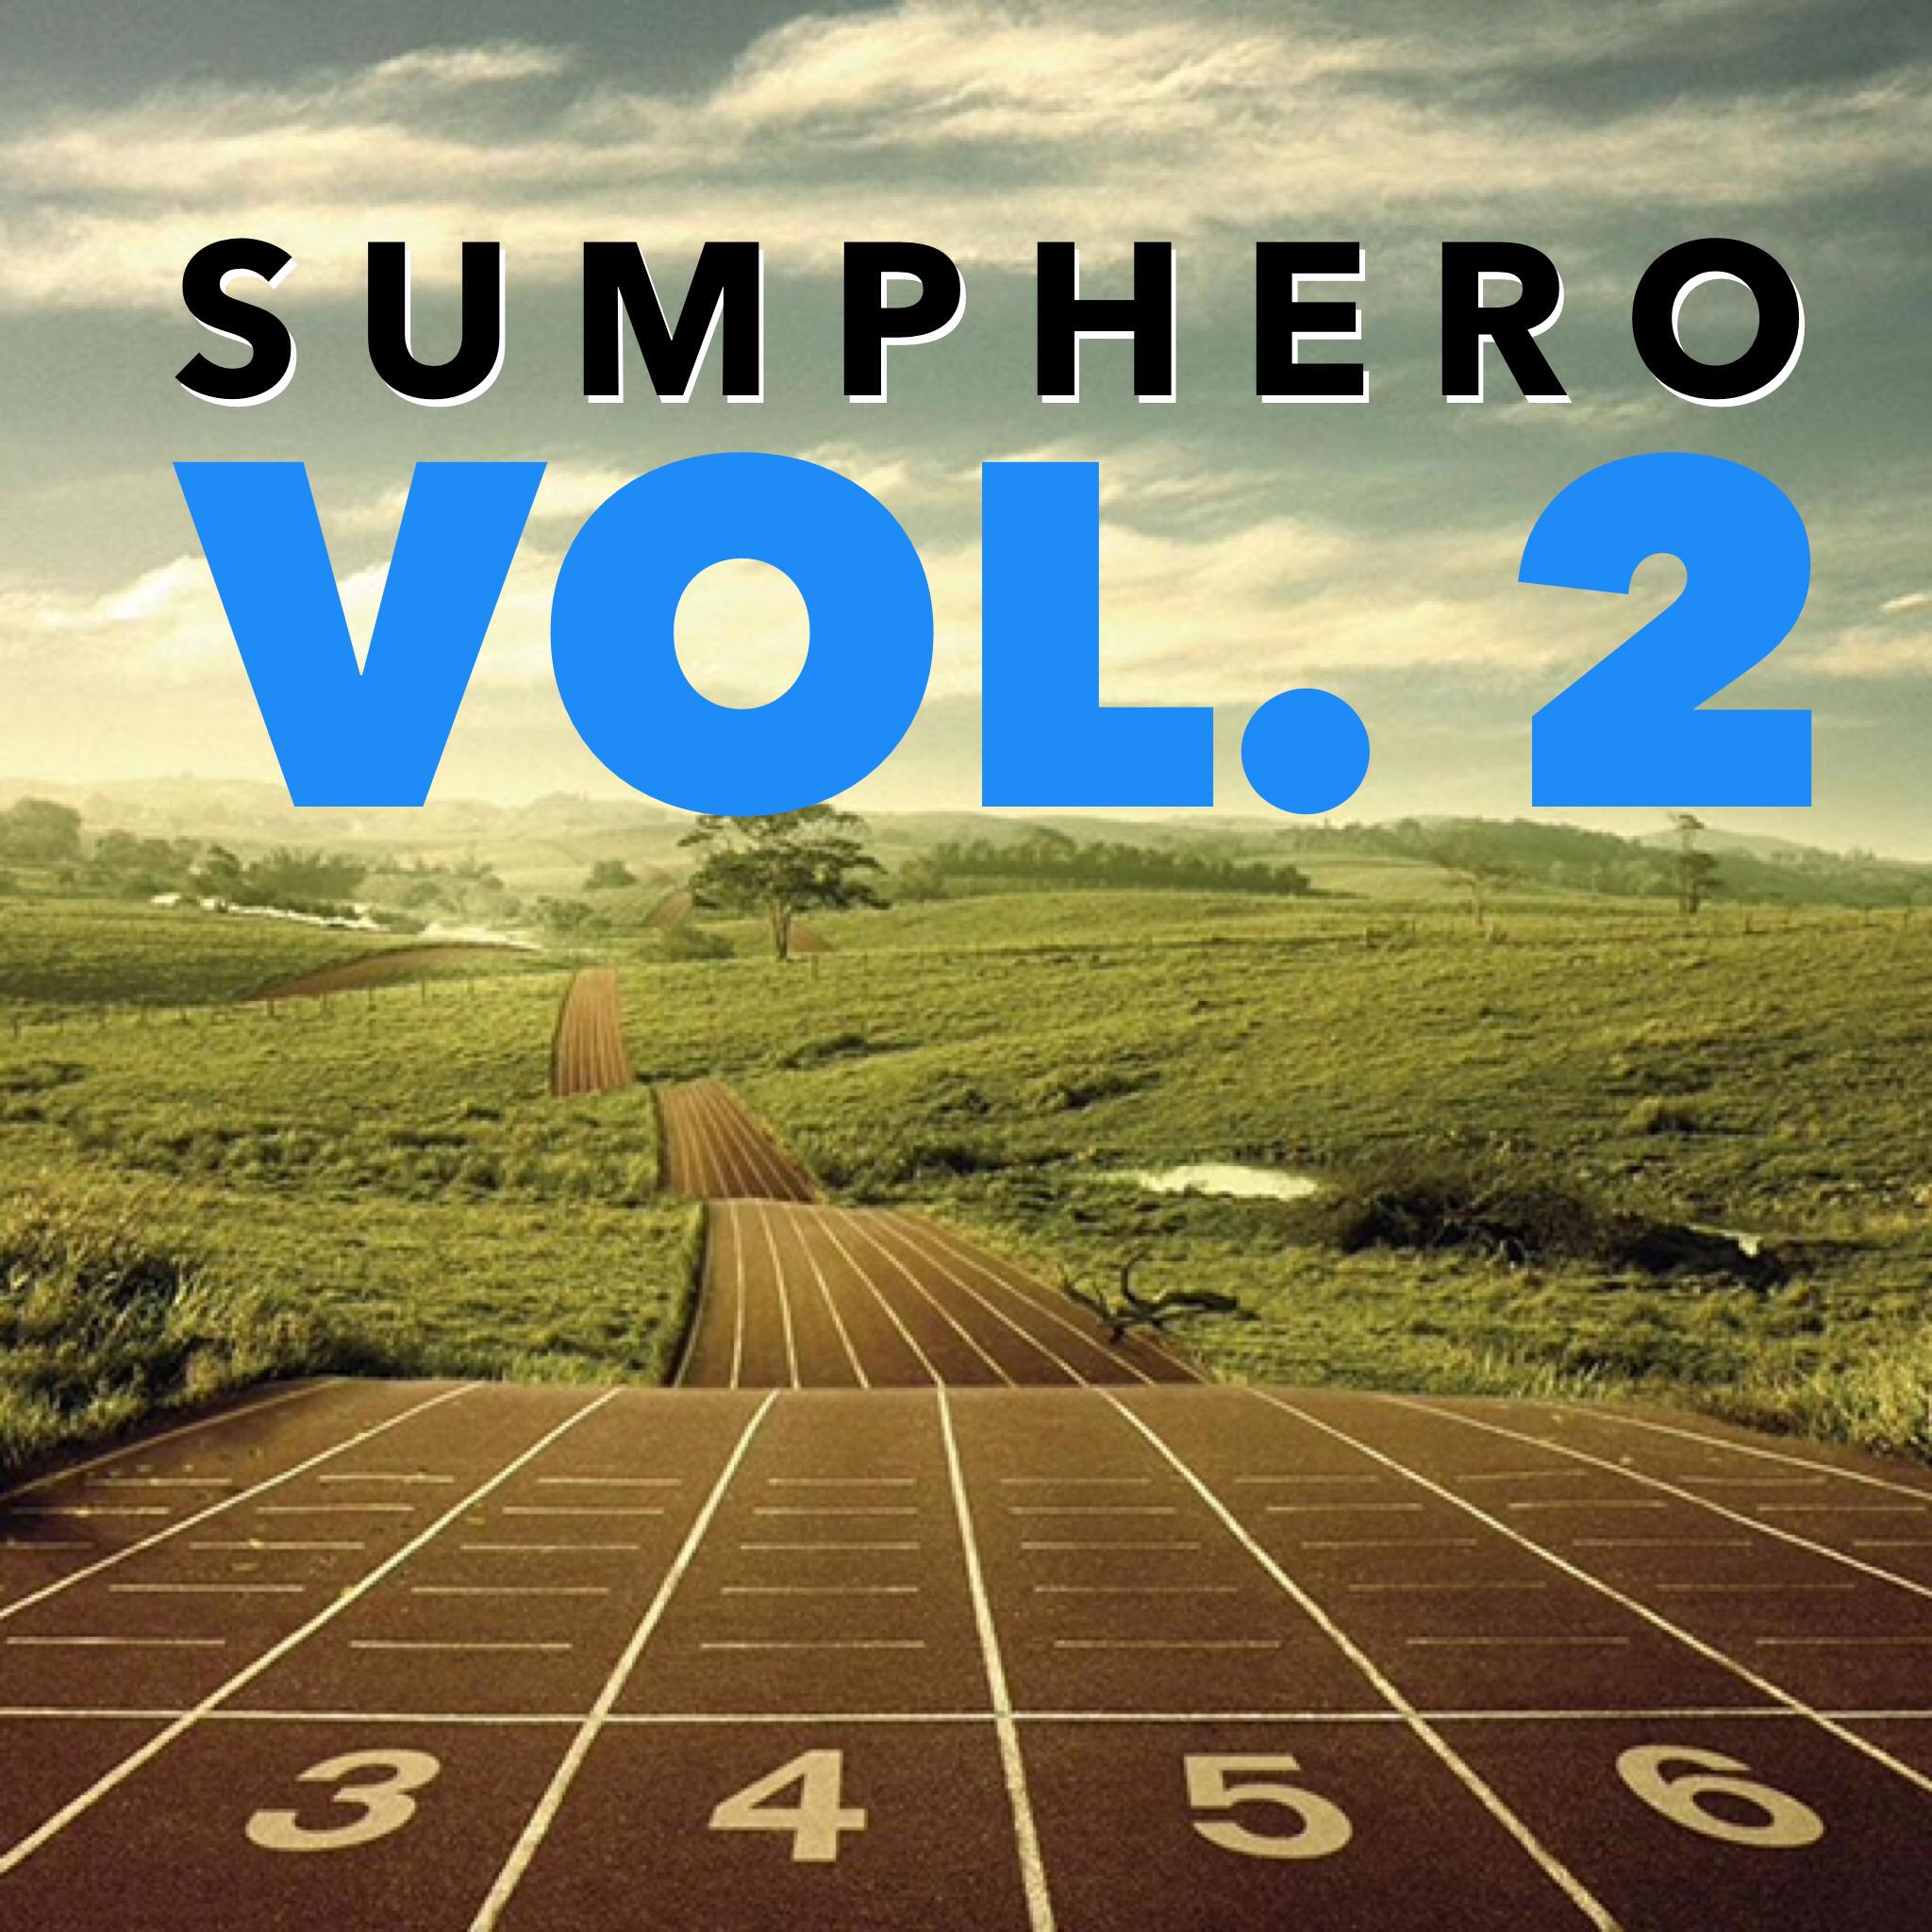 Sumphero Vol 2